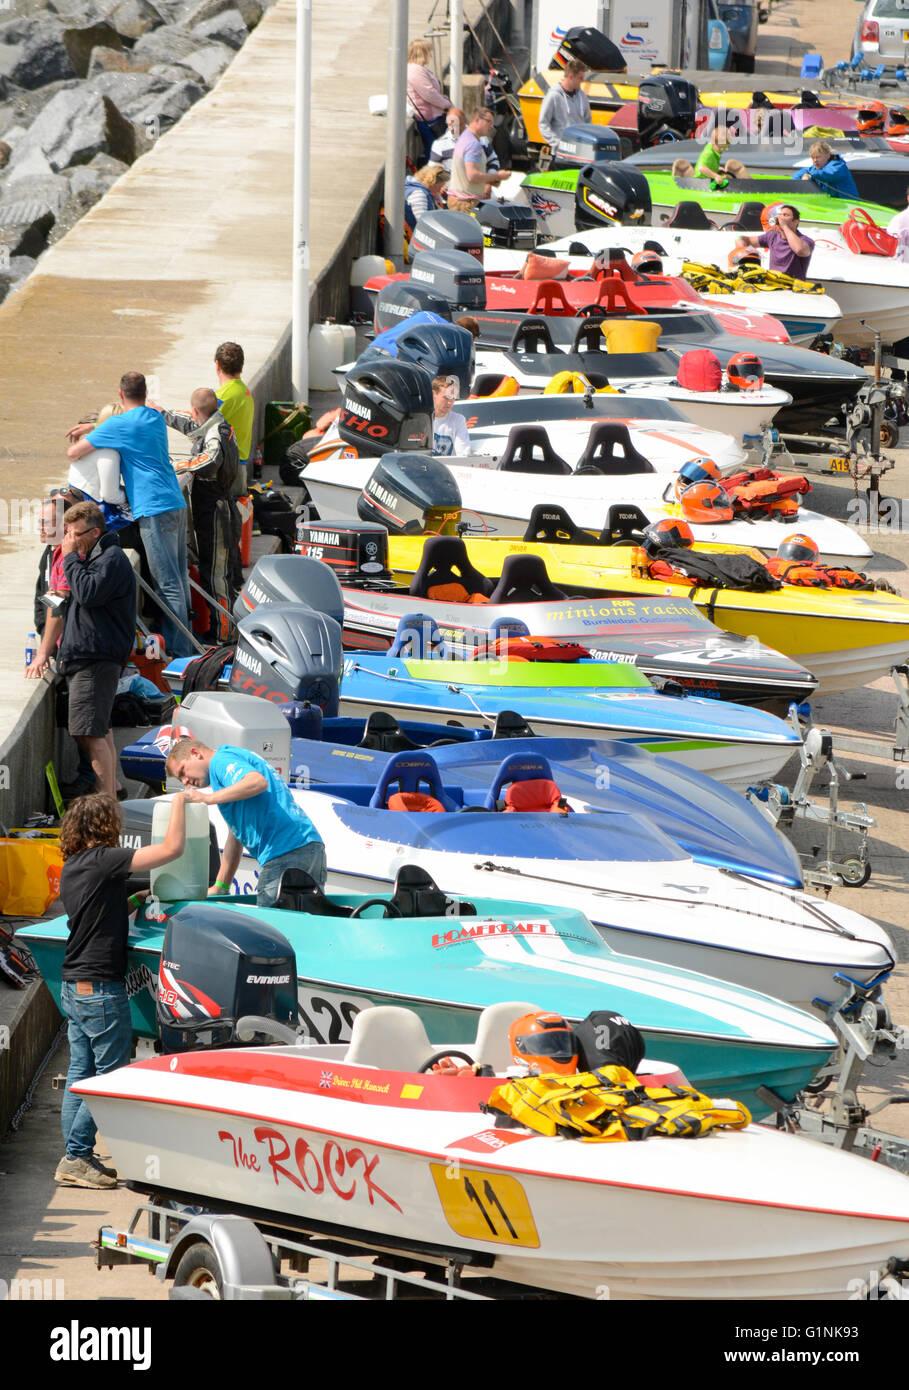 Motoscafi allineati lungo il lato del porto in anticipo della loro razza evento. Immagini Stock